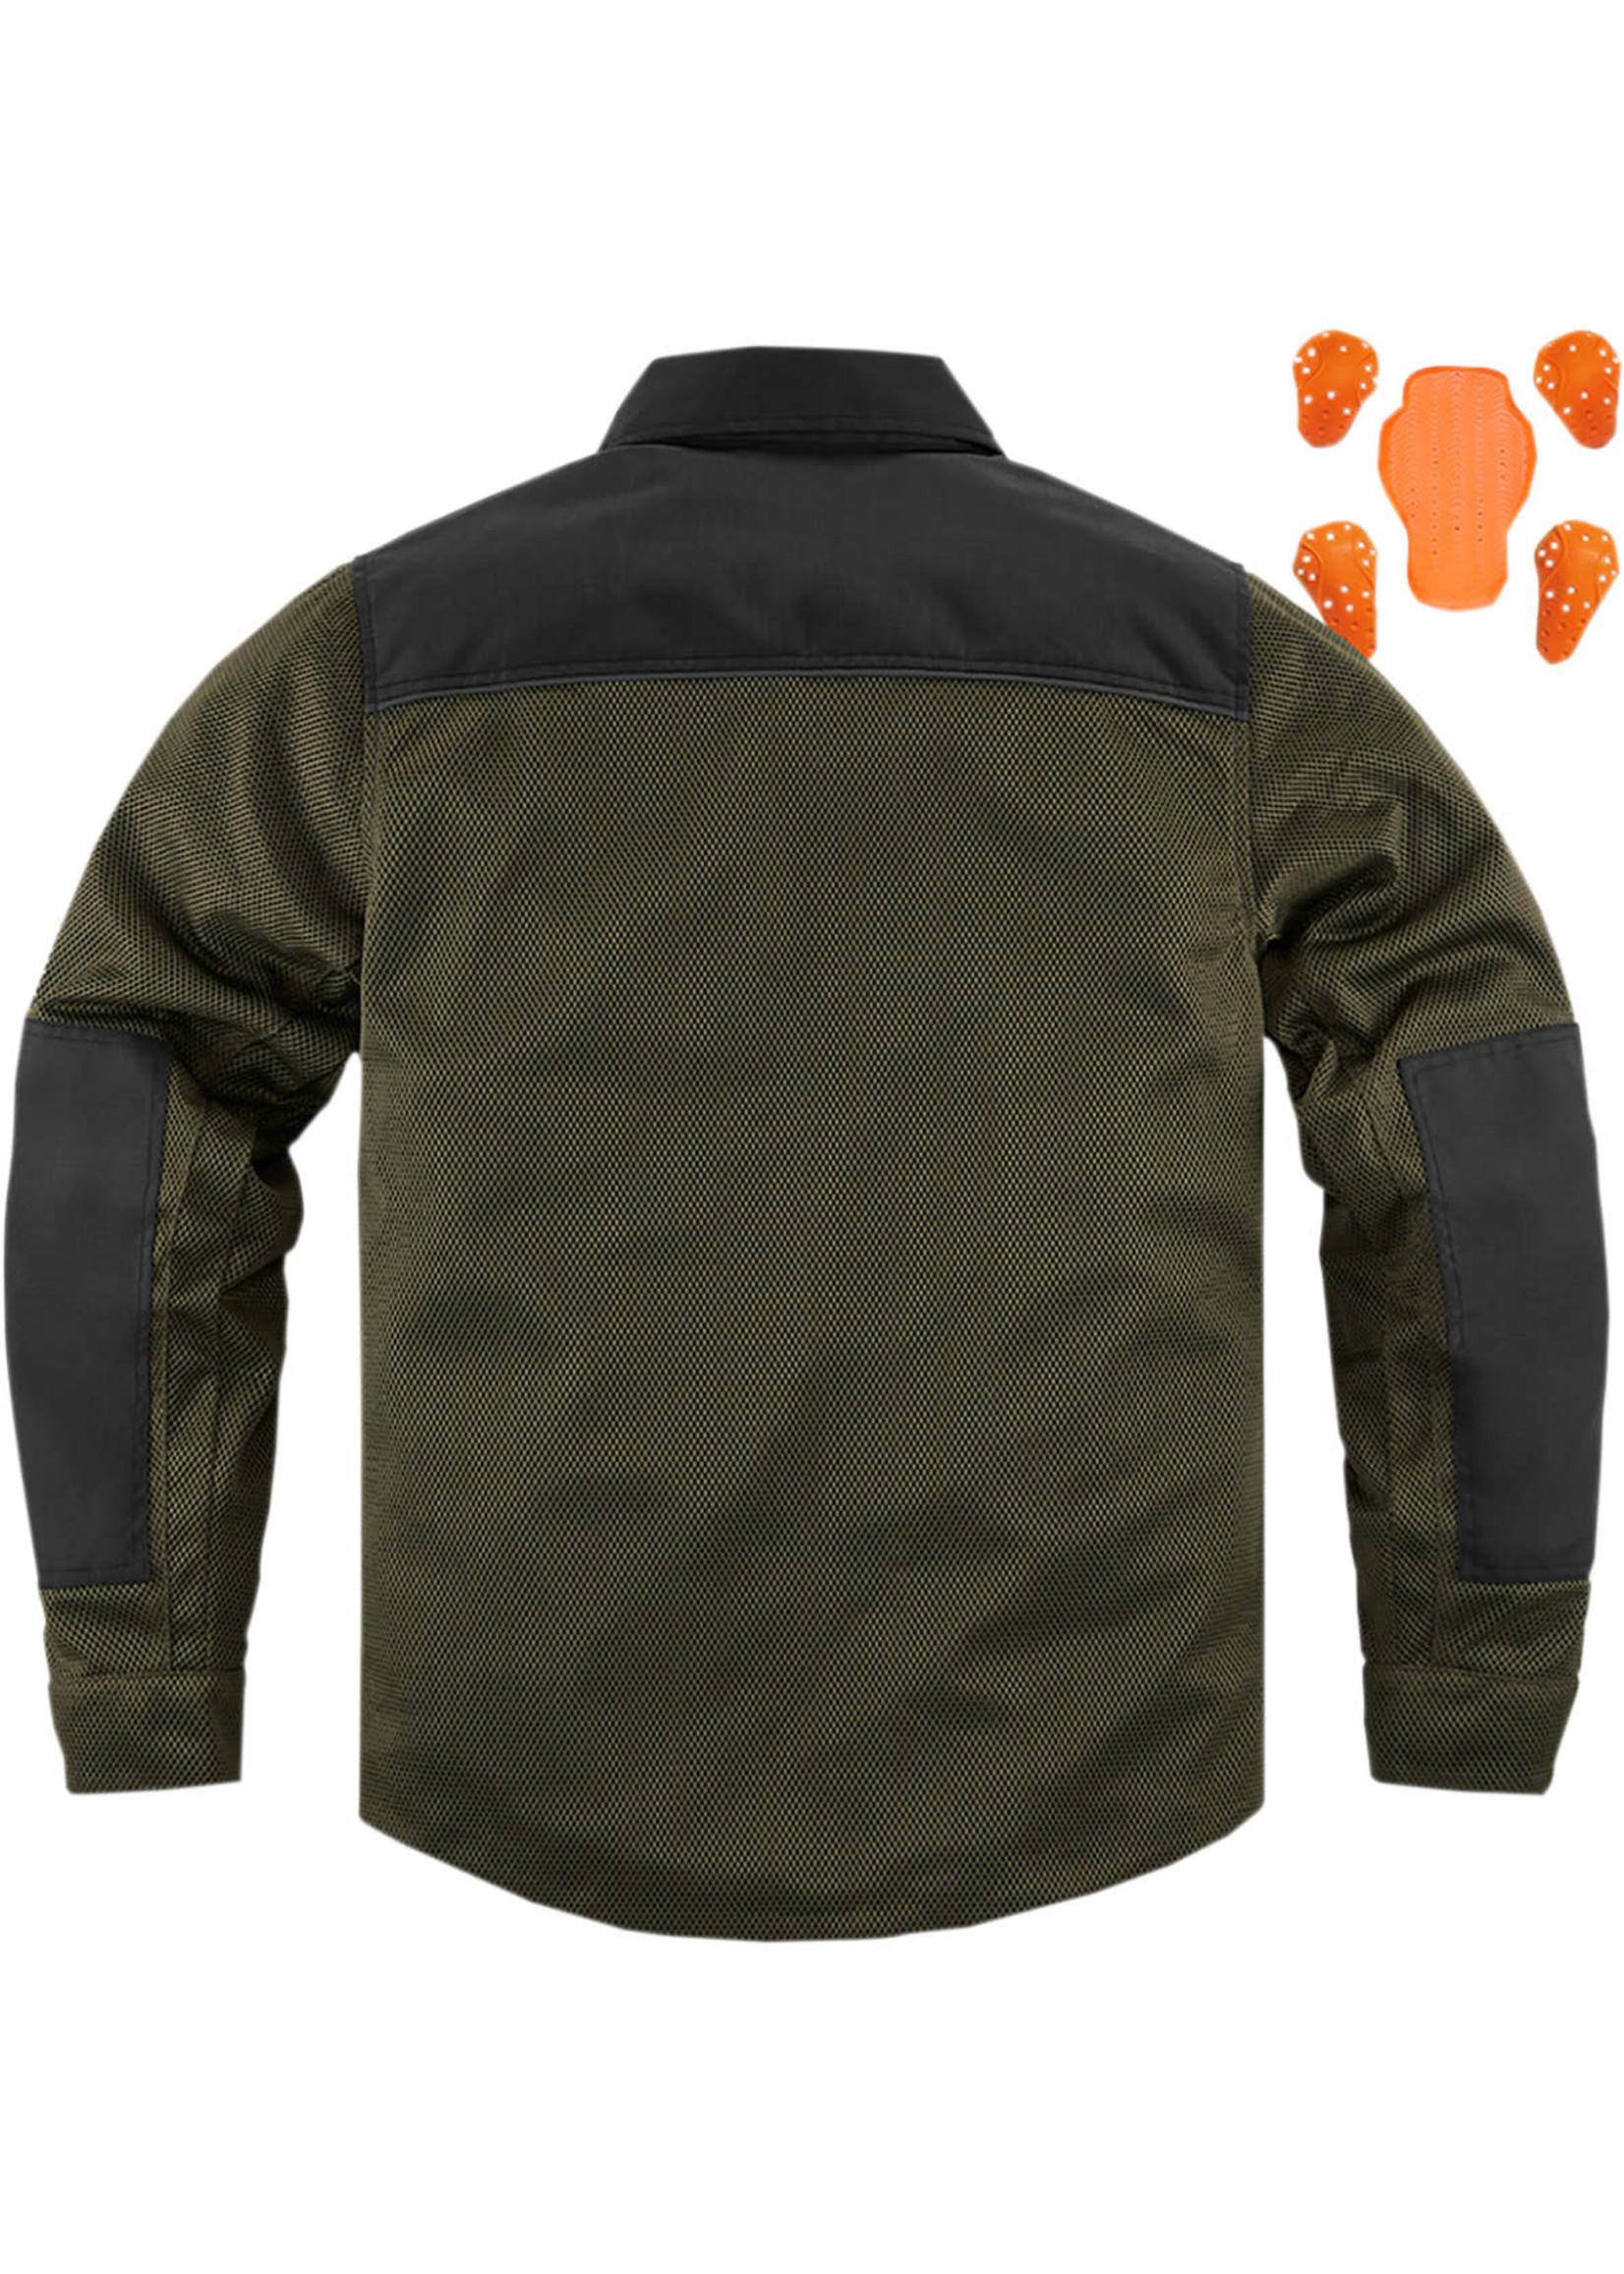 ICON ICON Upstate™ Riding Shirt